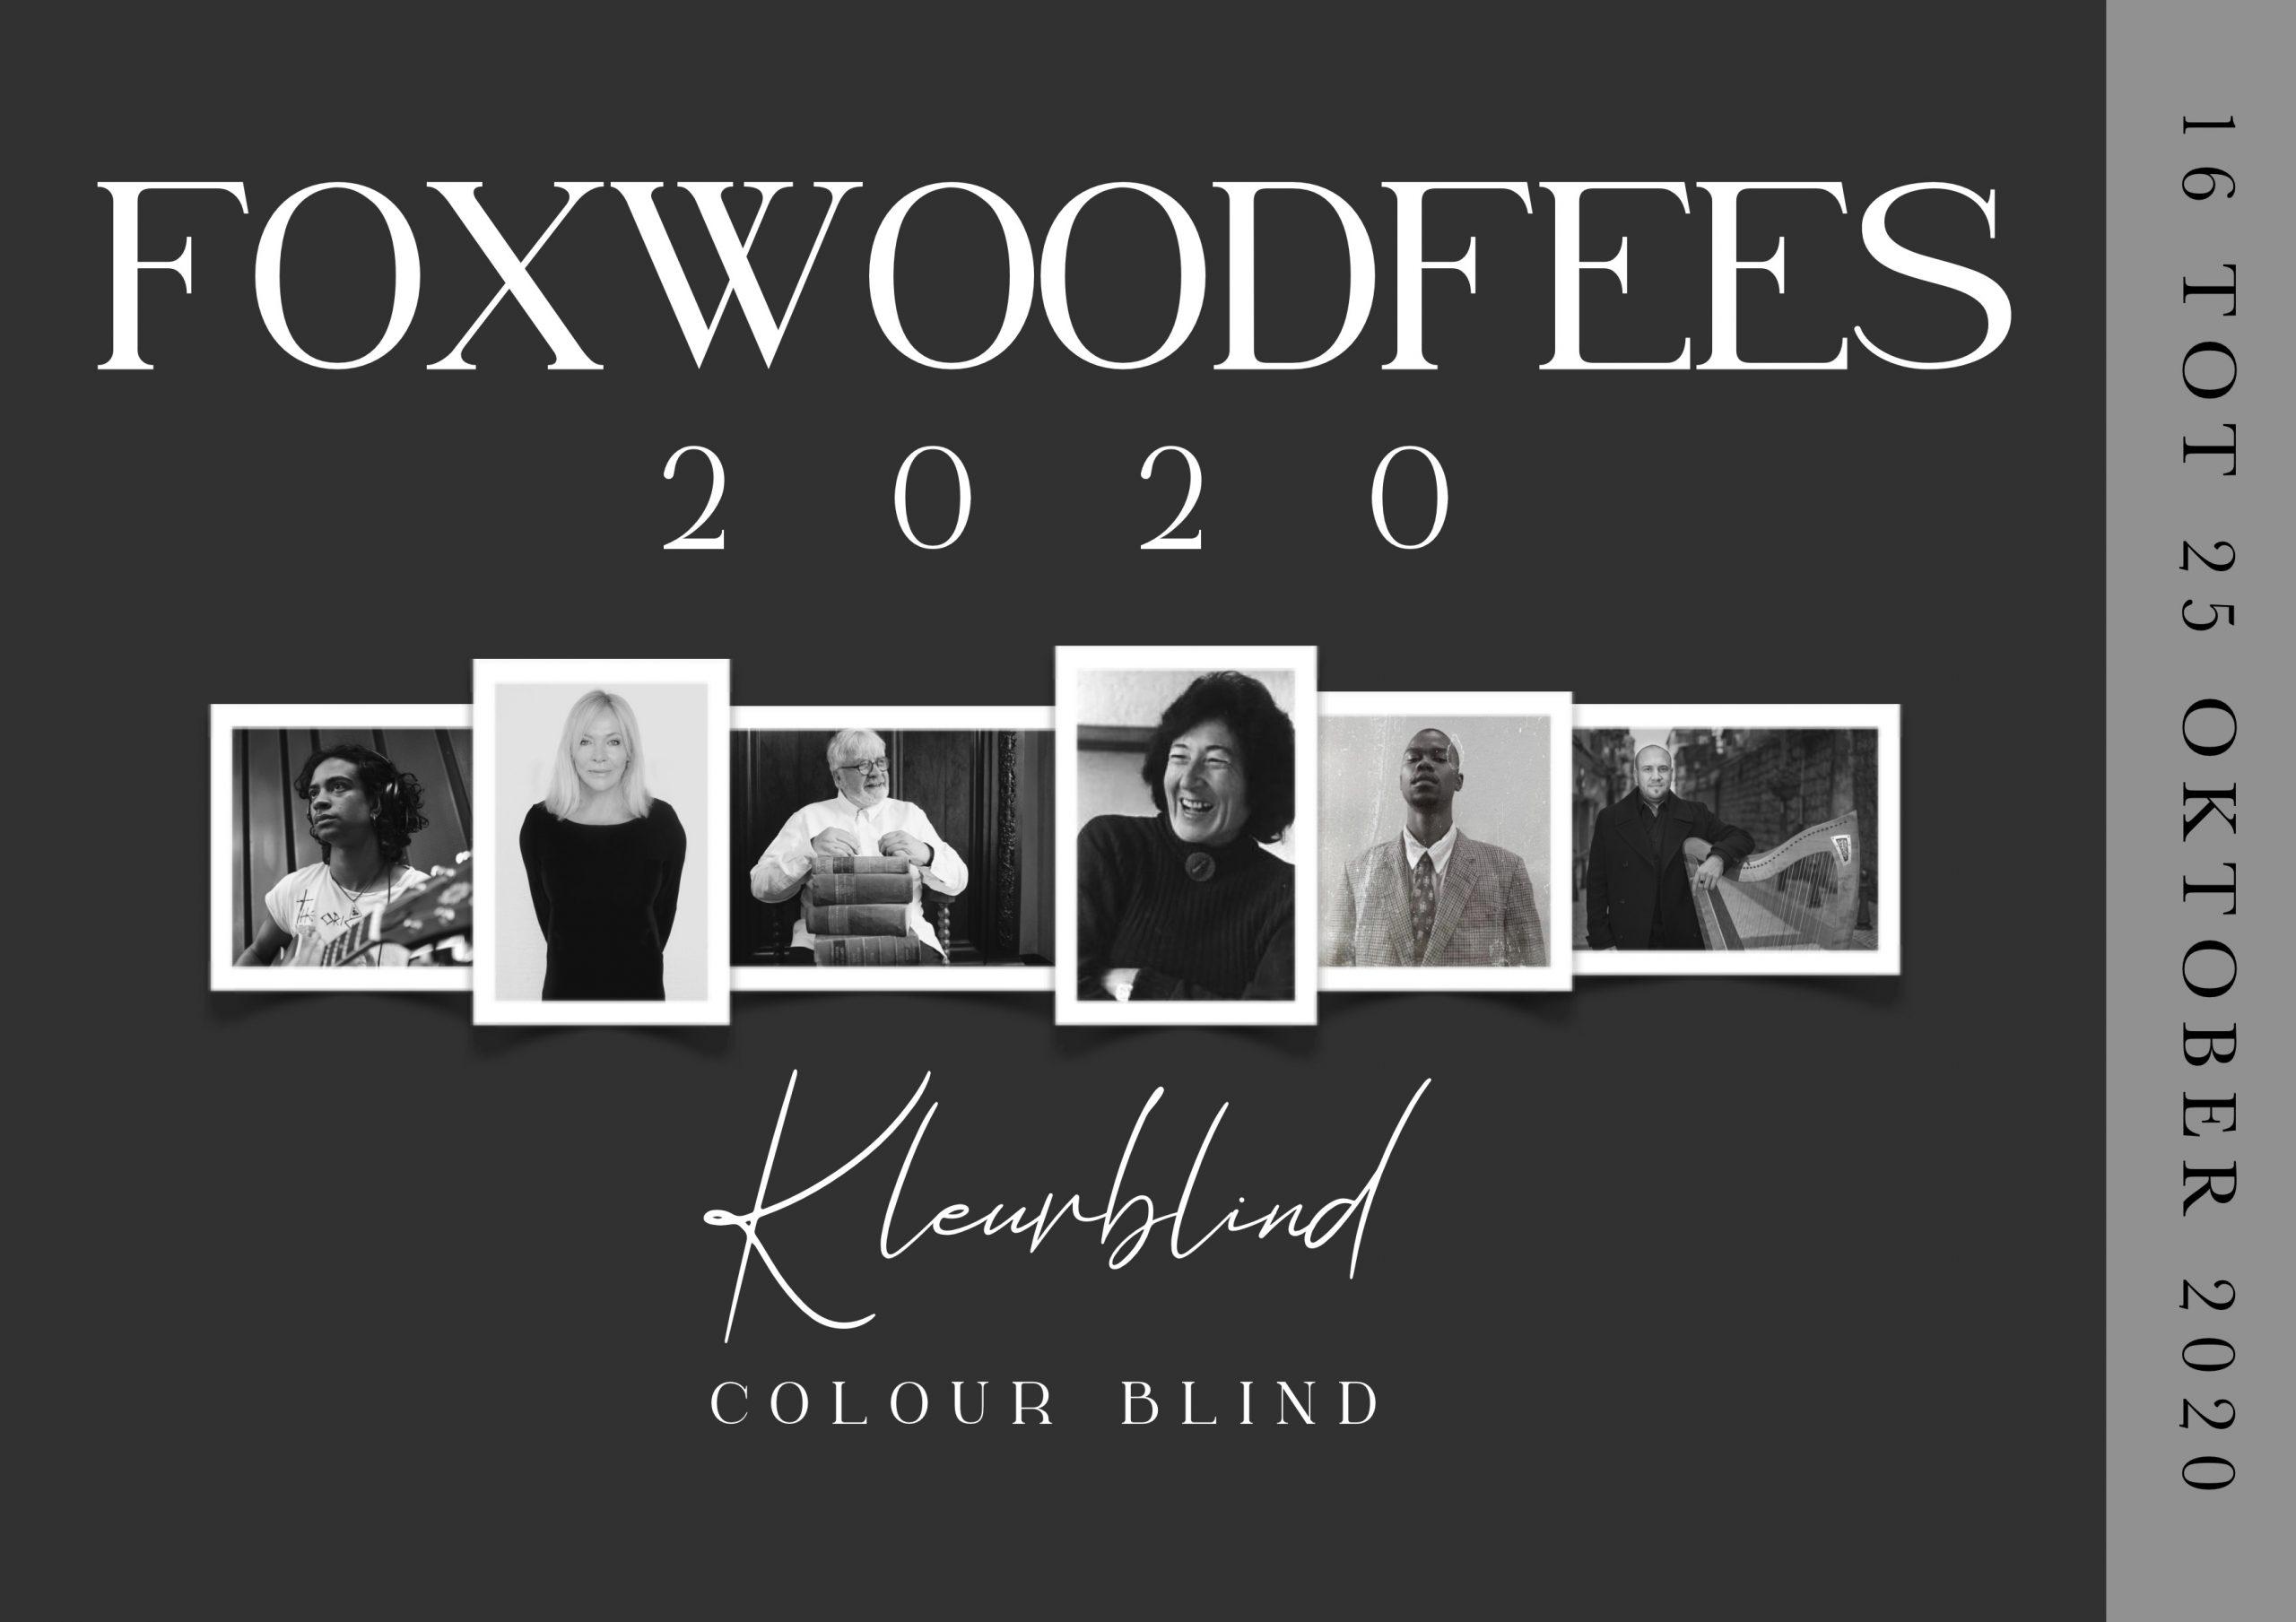 FOXWOODFEES 2020